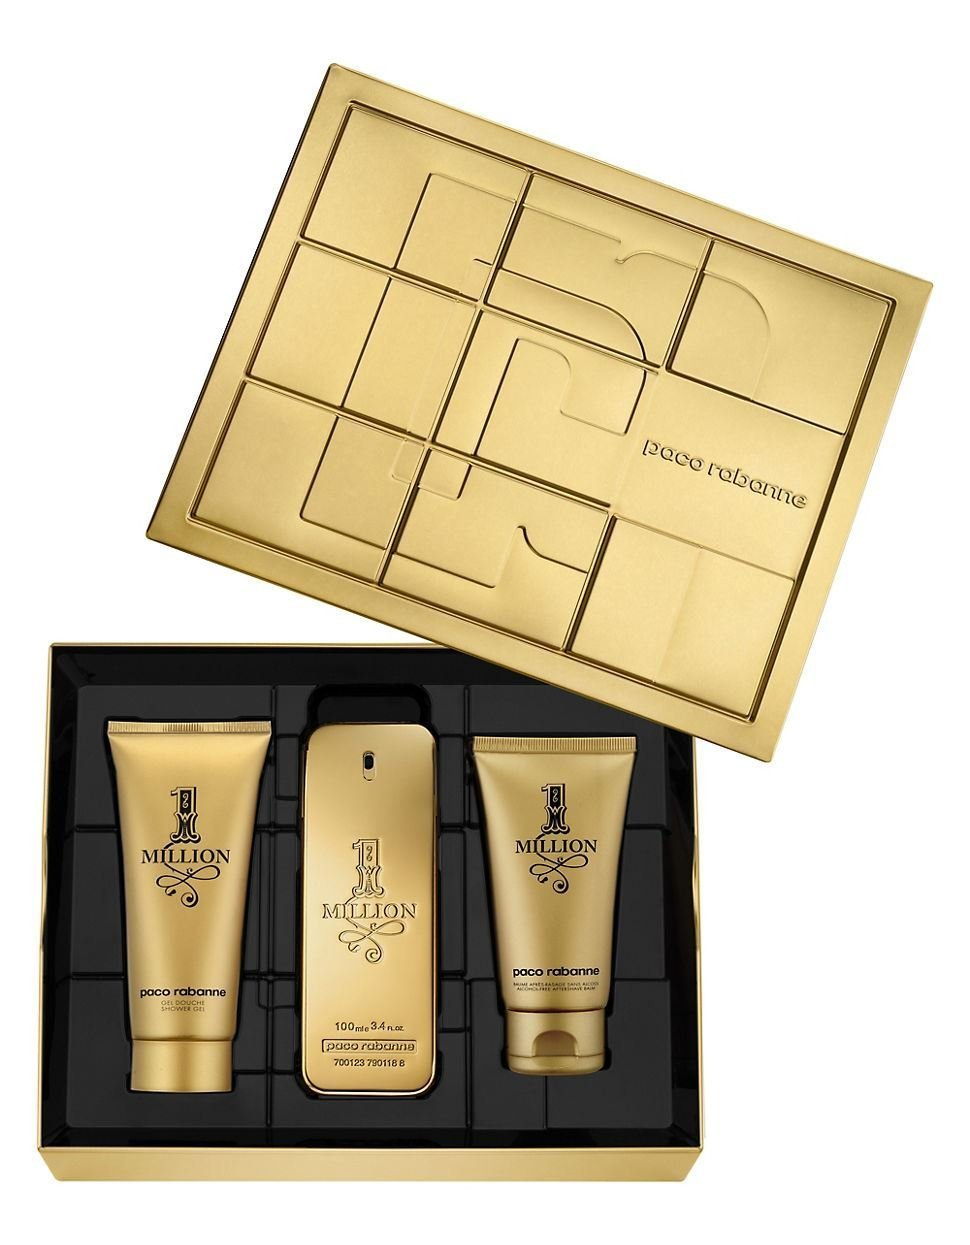 Paco Rabanne One Million 3 Pieces Gift Set 100 ml Eau De Toilette + 100 ml After Shave Balm+ 75 ml Shower Gel For Men